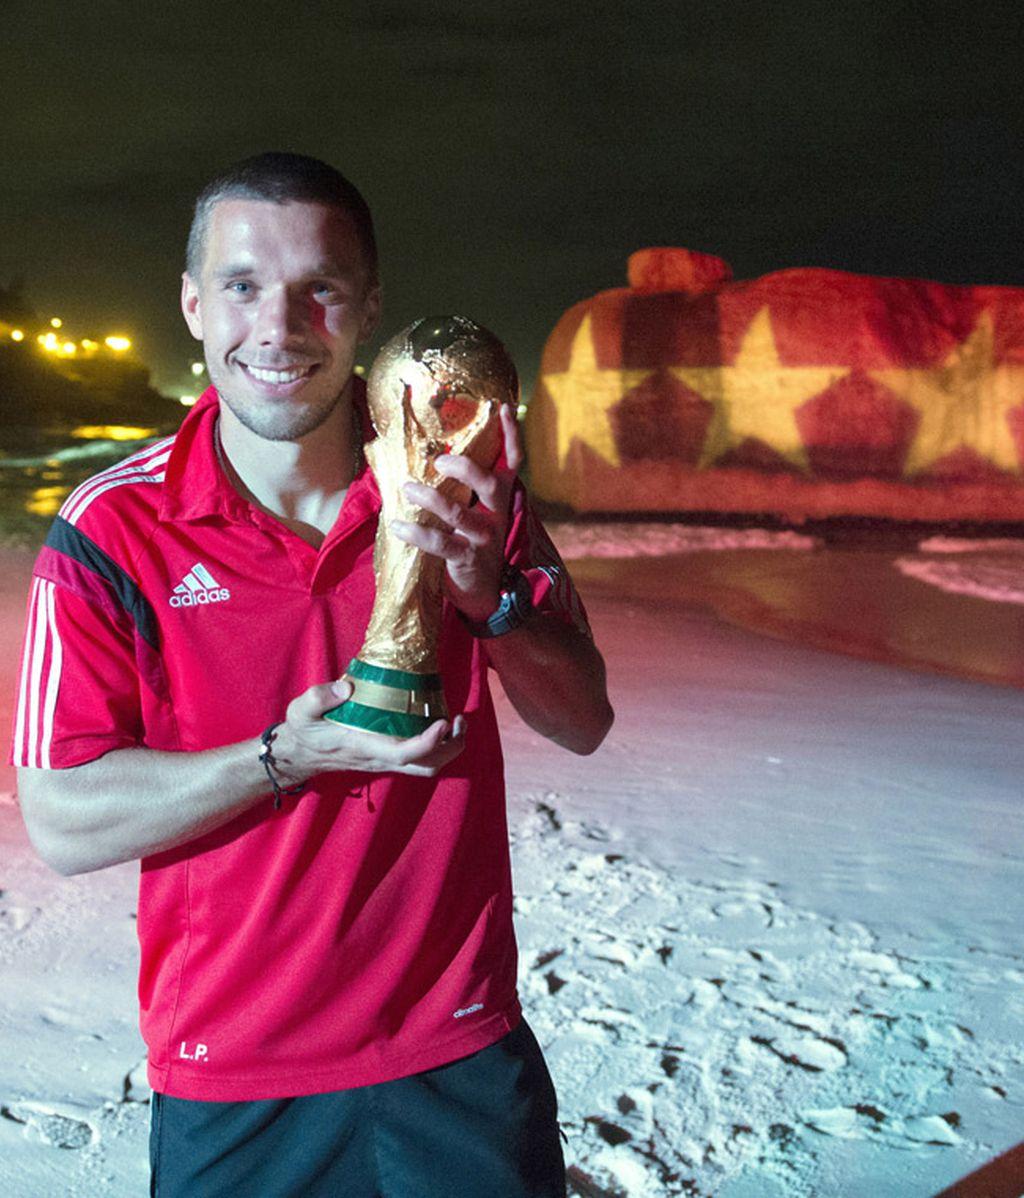 Lukas Podolski se fotografía con la Copa y las cuatro estrellas detrás